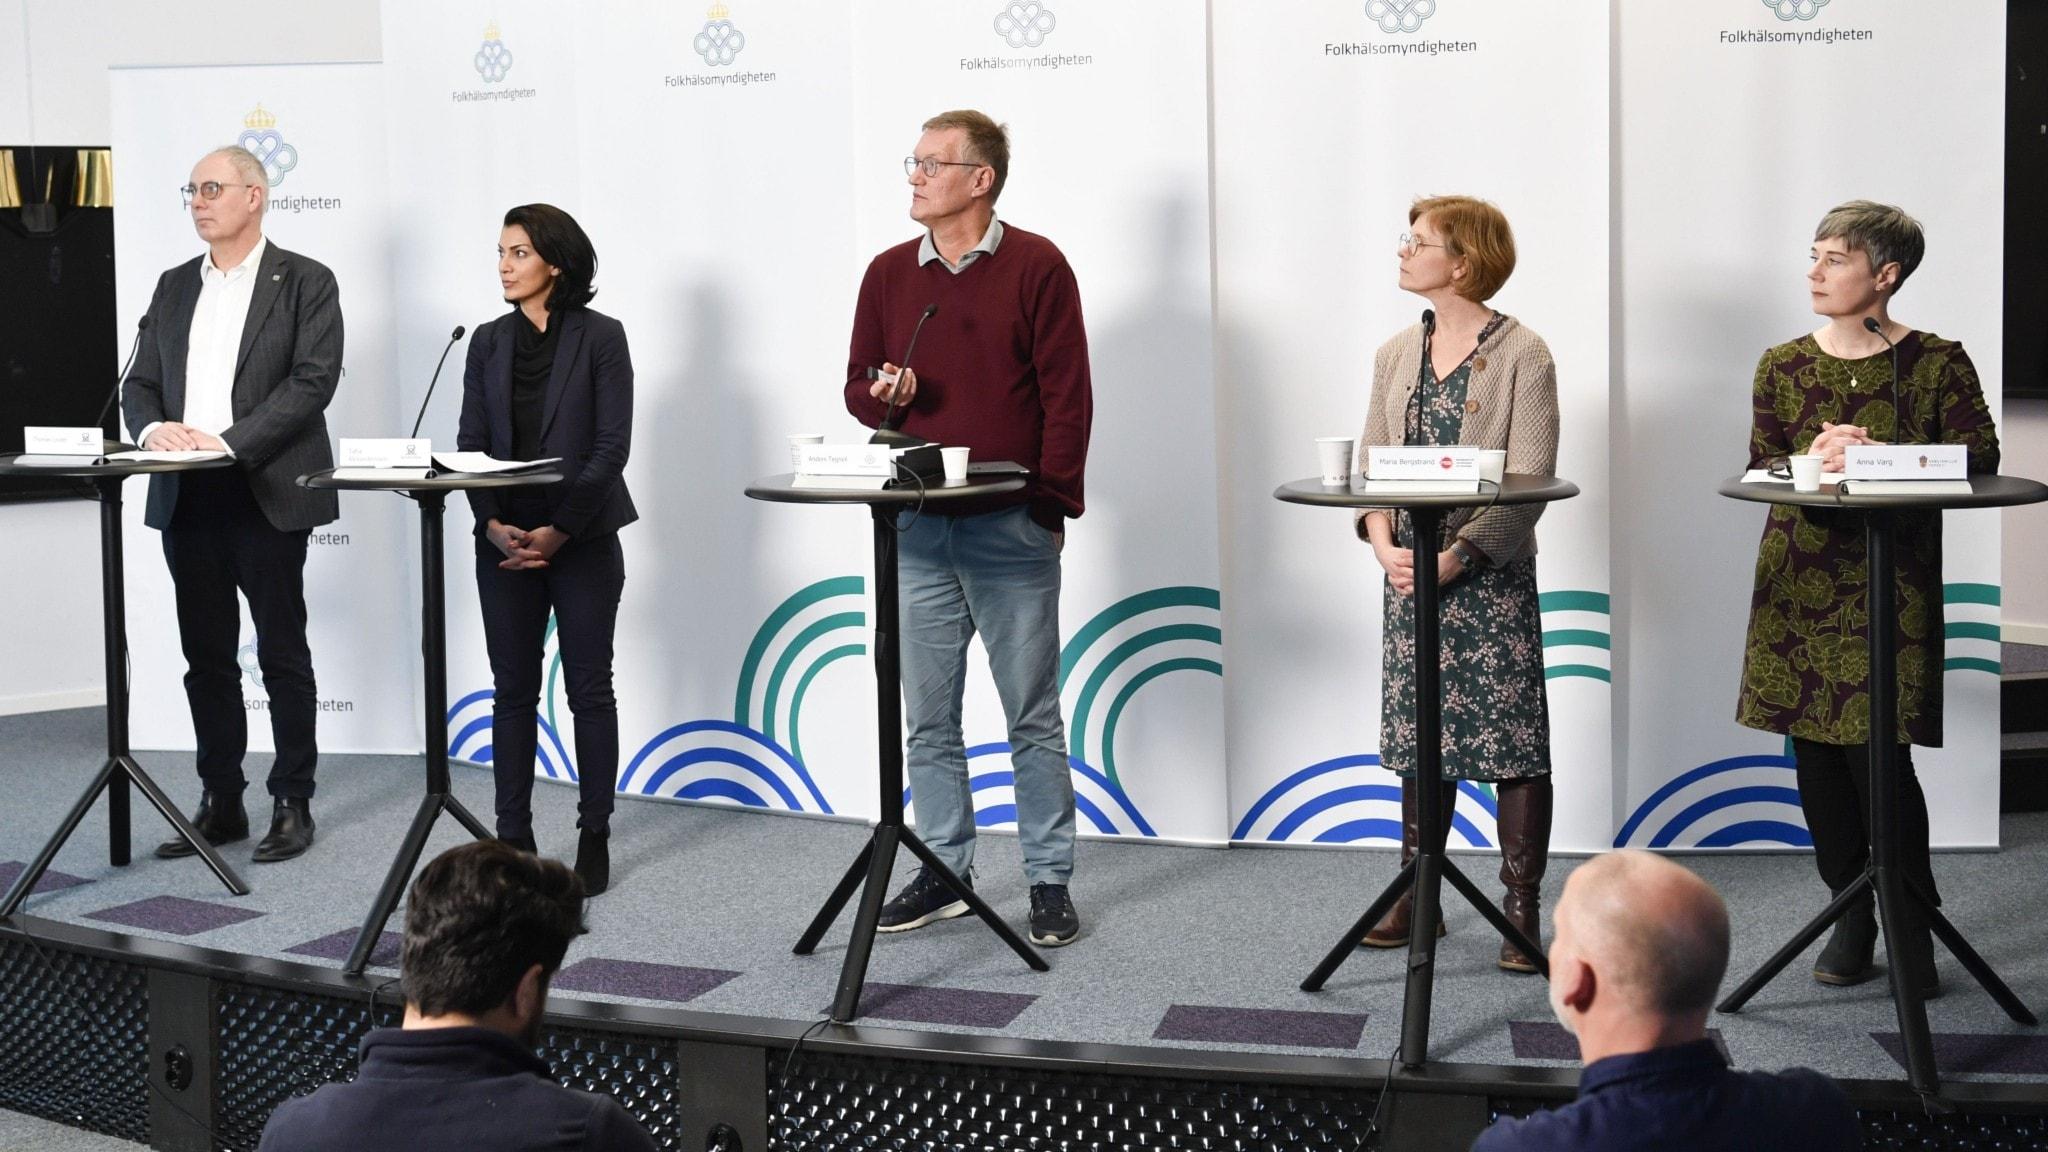 Folkhälsomyndigheten håller presskonferens med olika myndigheter.